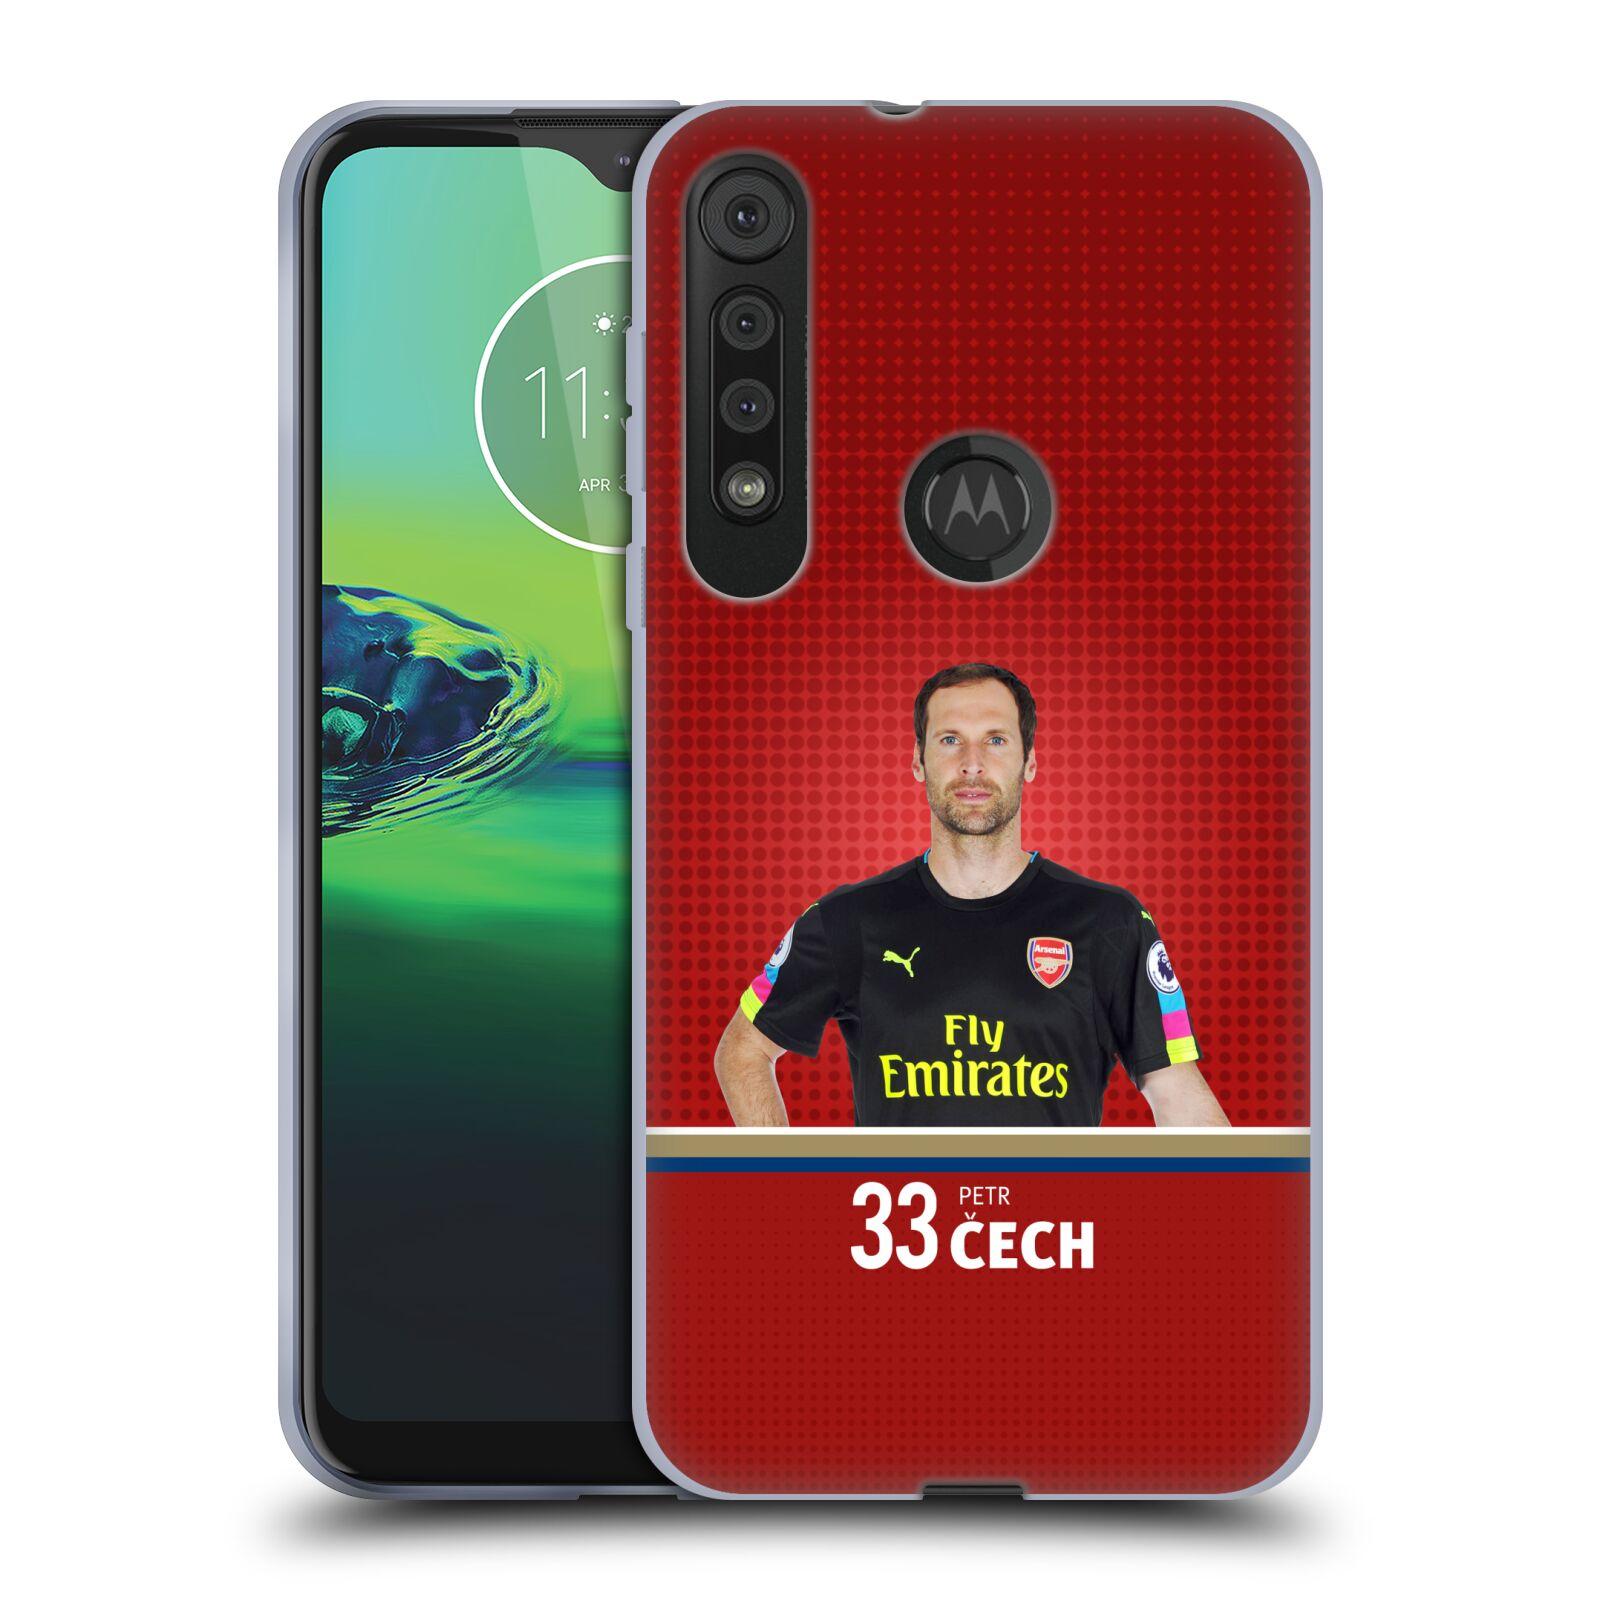 Silikonové pouzdro na mobil Motorola One Macro - Head Case - Arsenal FC - Petr Čech